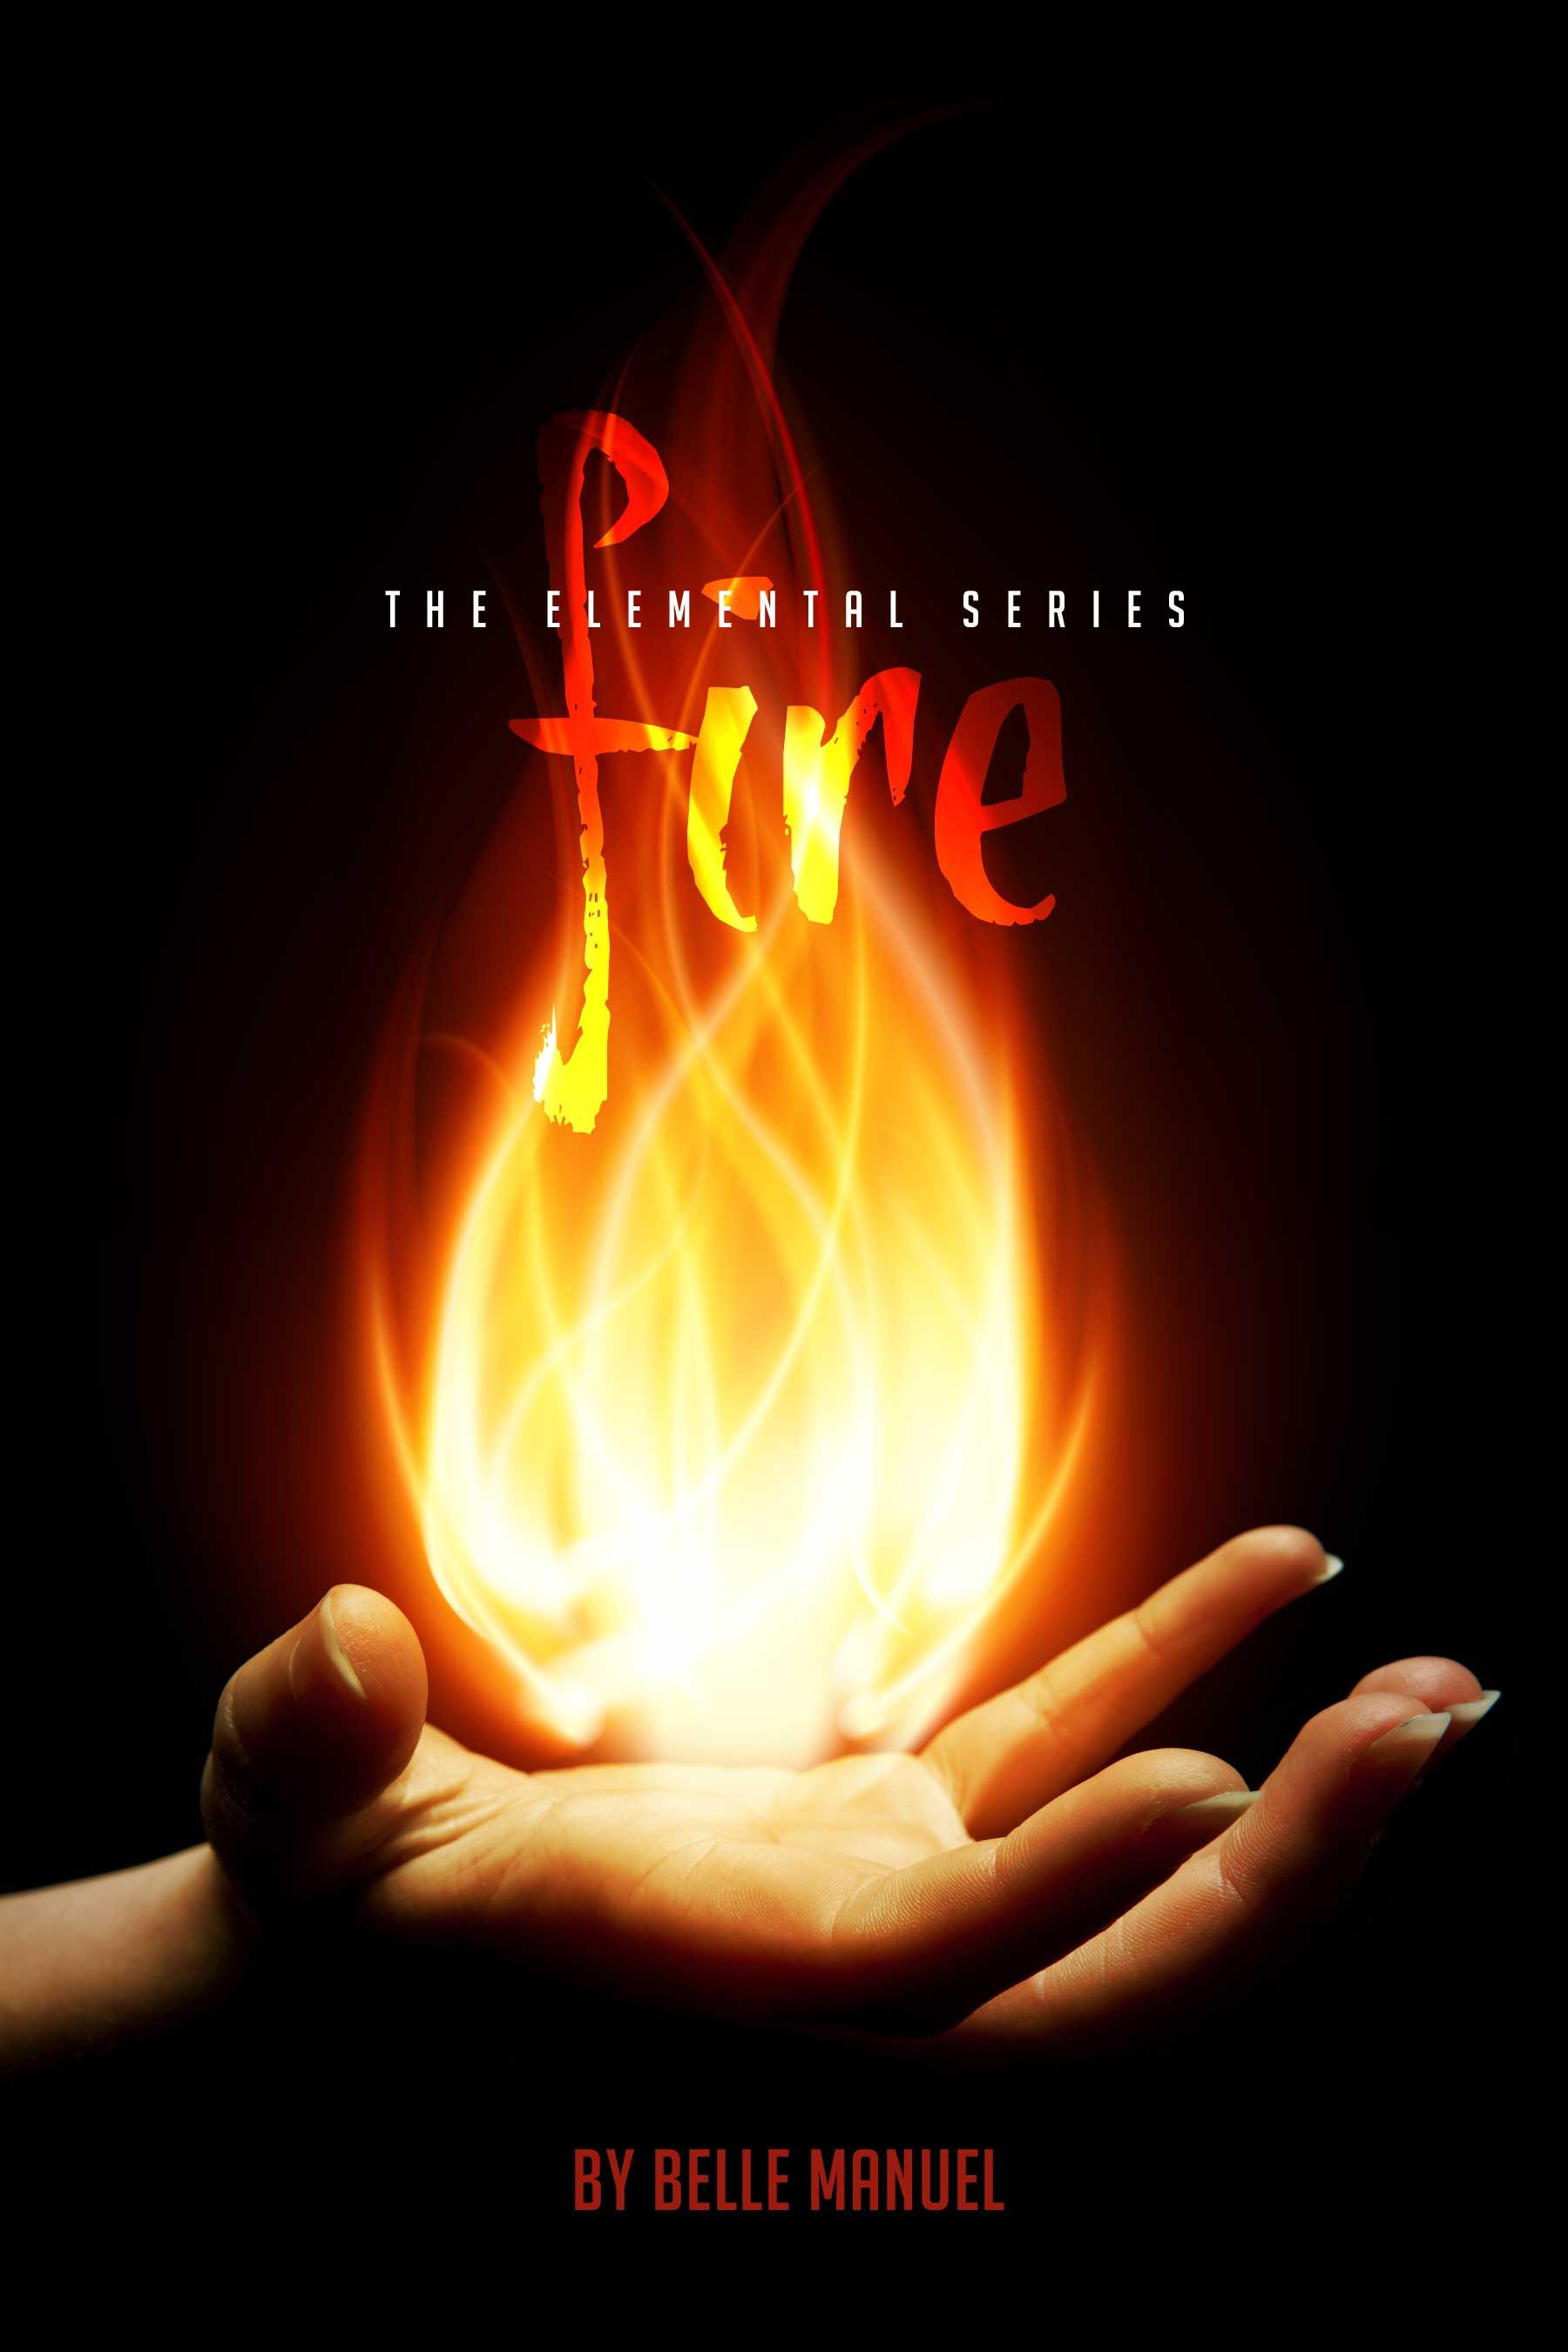 Fire, by Belle Manuel